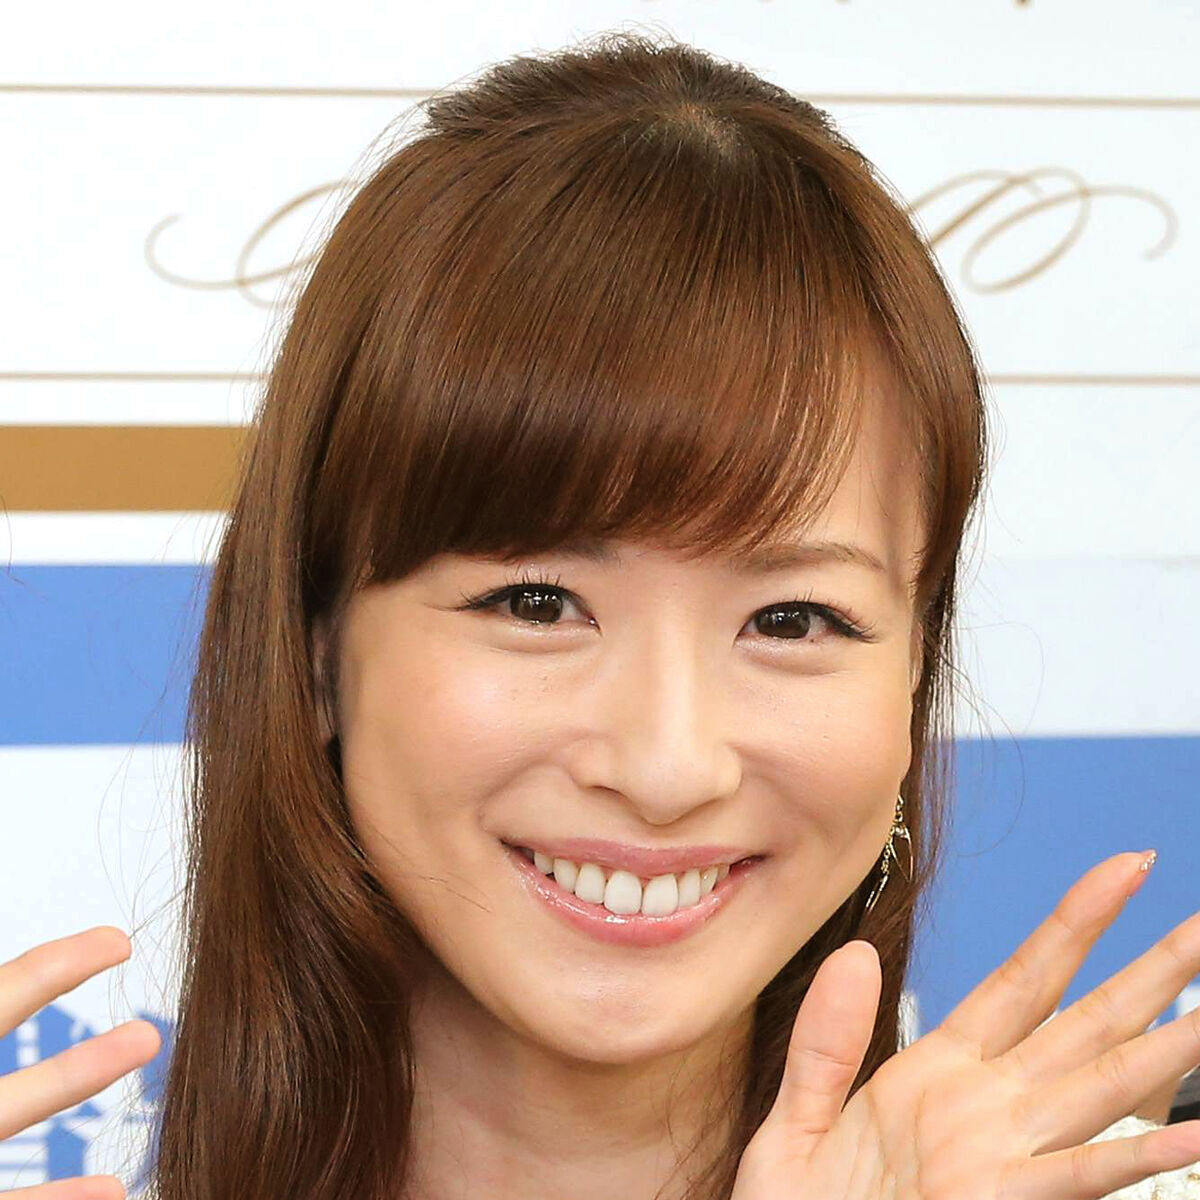 東京五輪の体操女子団体戦メンバーが決定 4人目は杉原愛子